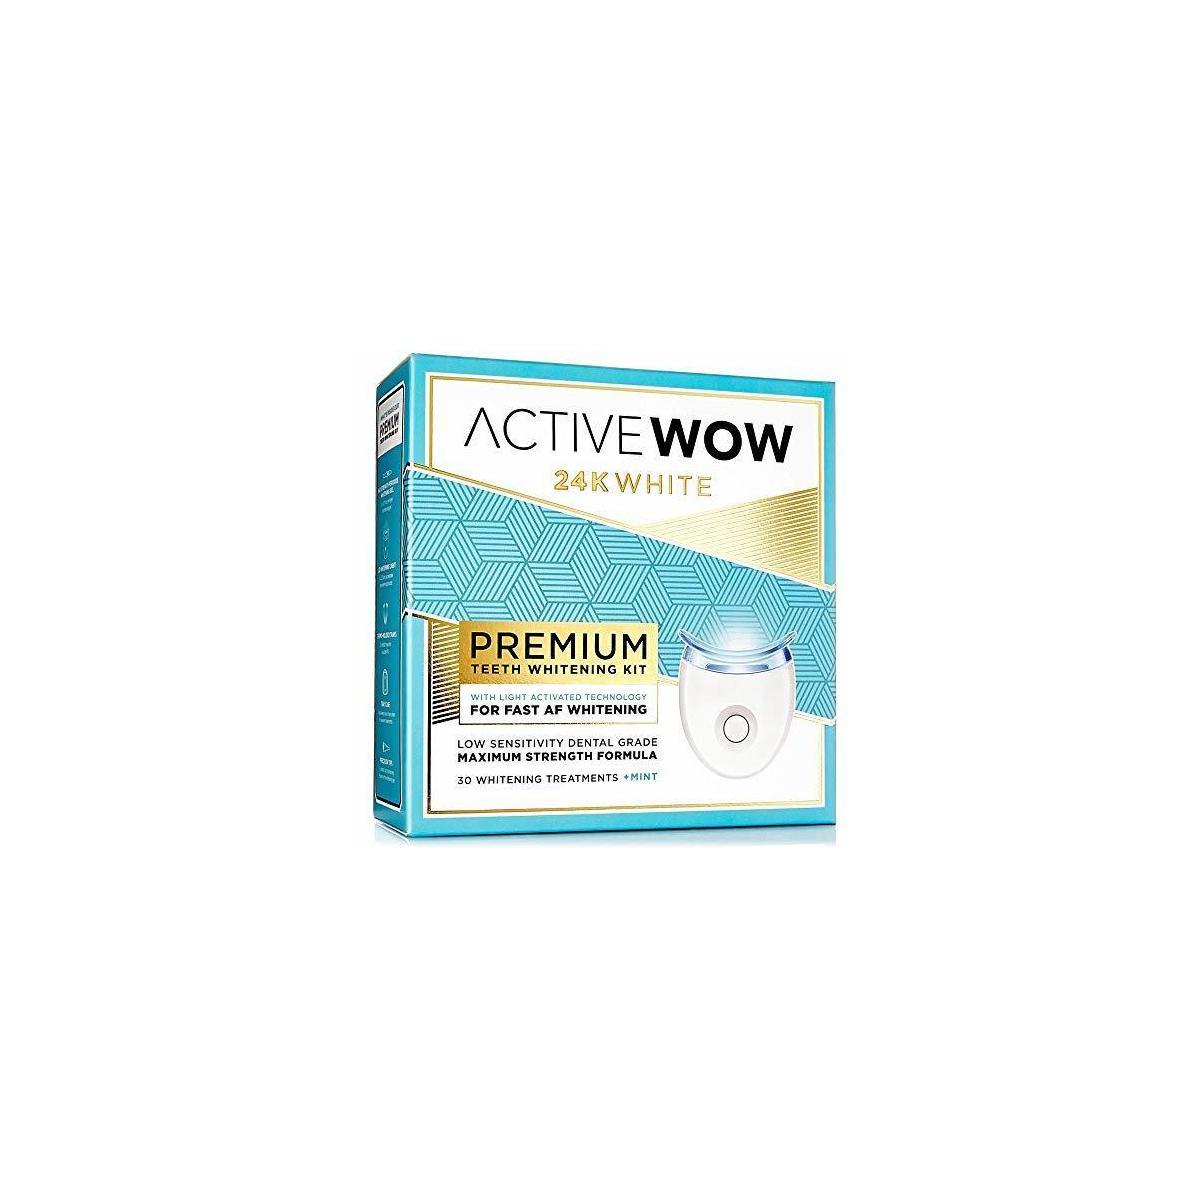 Premium Teeth Whitening Kit